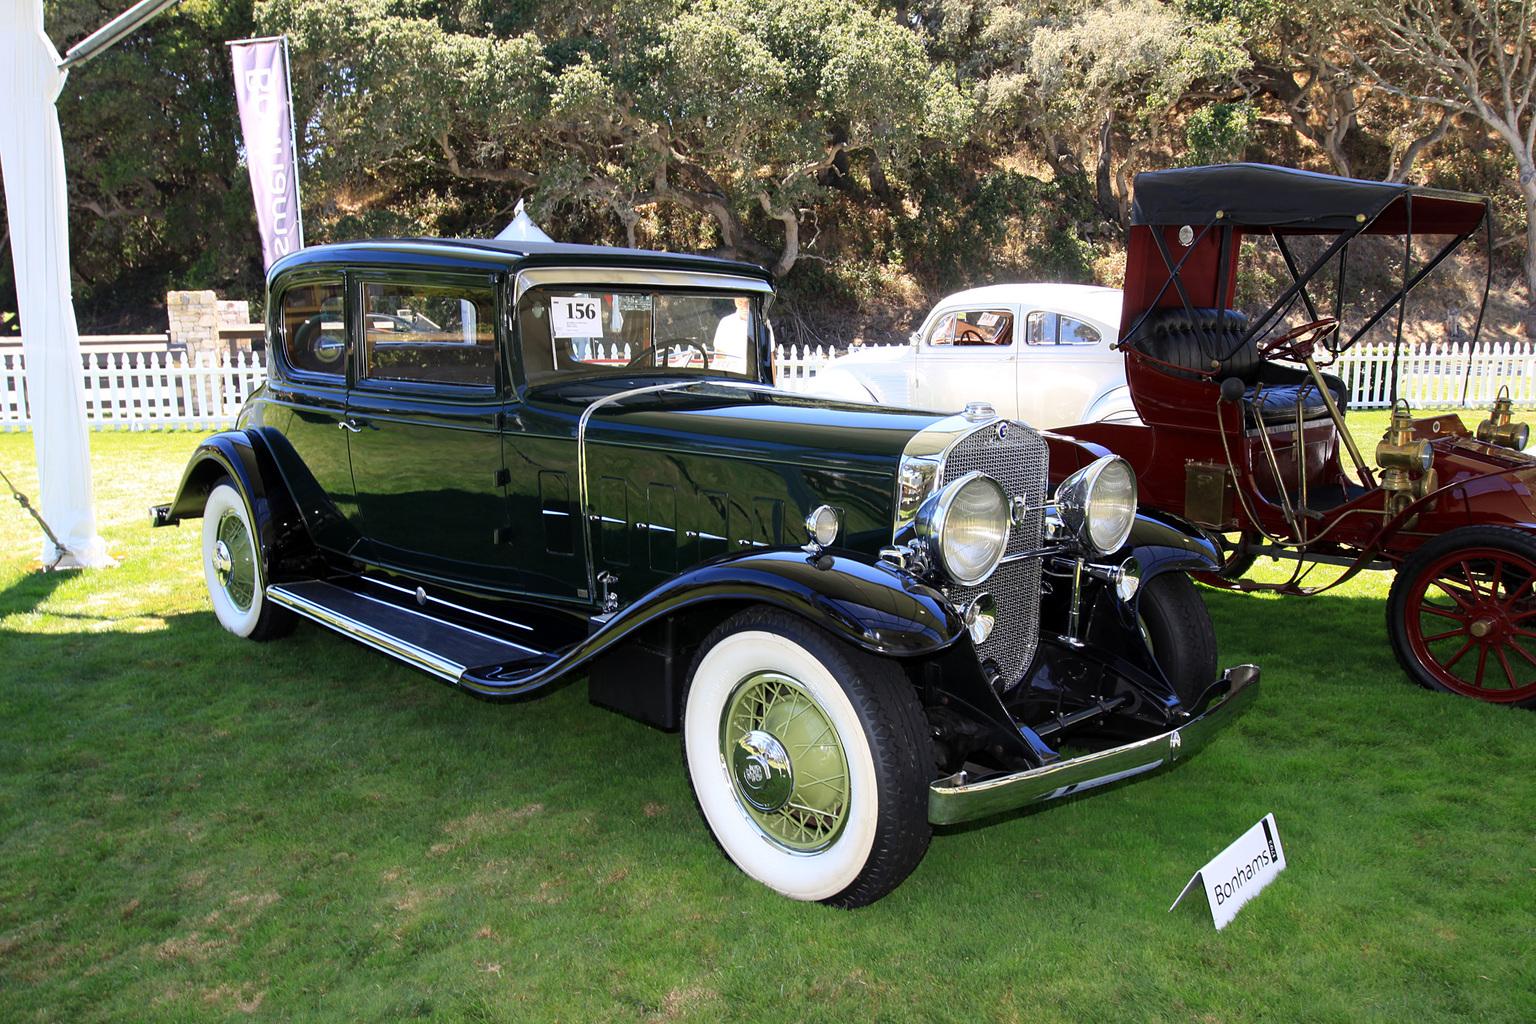 1931 Cadillac V12 Pics, Vehicles Collection